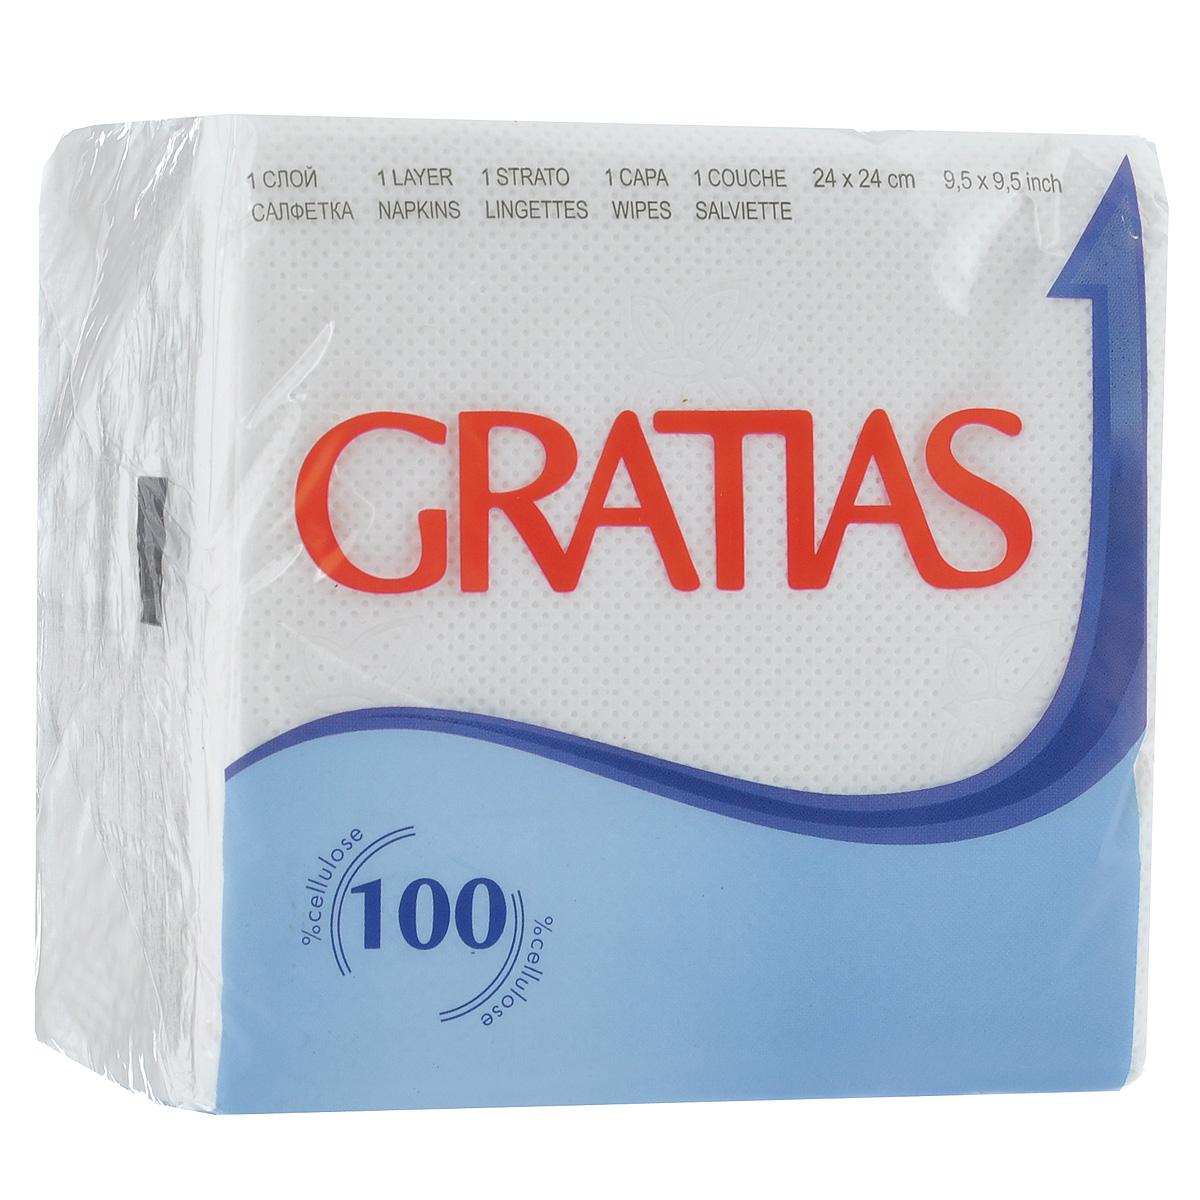 Салфетки бумажные Gratias, однослойные, 24 х 24 см, 90 шт90243Однослойные бумажные салфетки Gratias мягкие, но в то же время прочные. Они оформлены тиснением в виде бабочек. Подходят для косметического, санитарно-гигиенического и хозяйственного назначения. Обладают хорошими впитывающими свойствами. Материал: 100% целлюлоза. Размер салфетки: 24 см х 24 см. Комплектация: 90 шт.